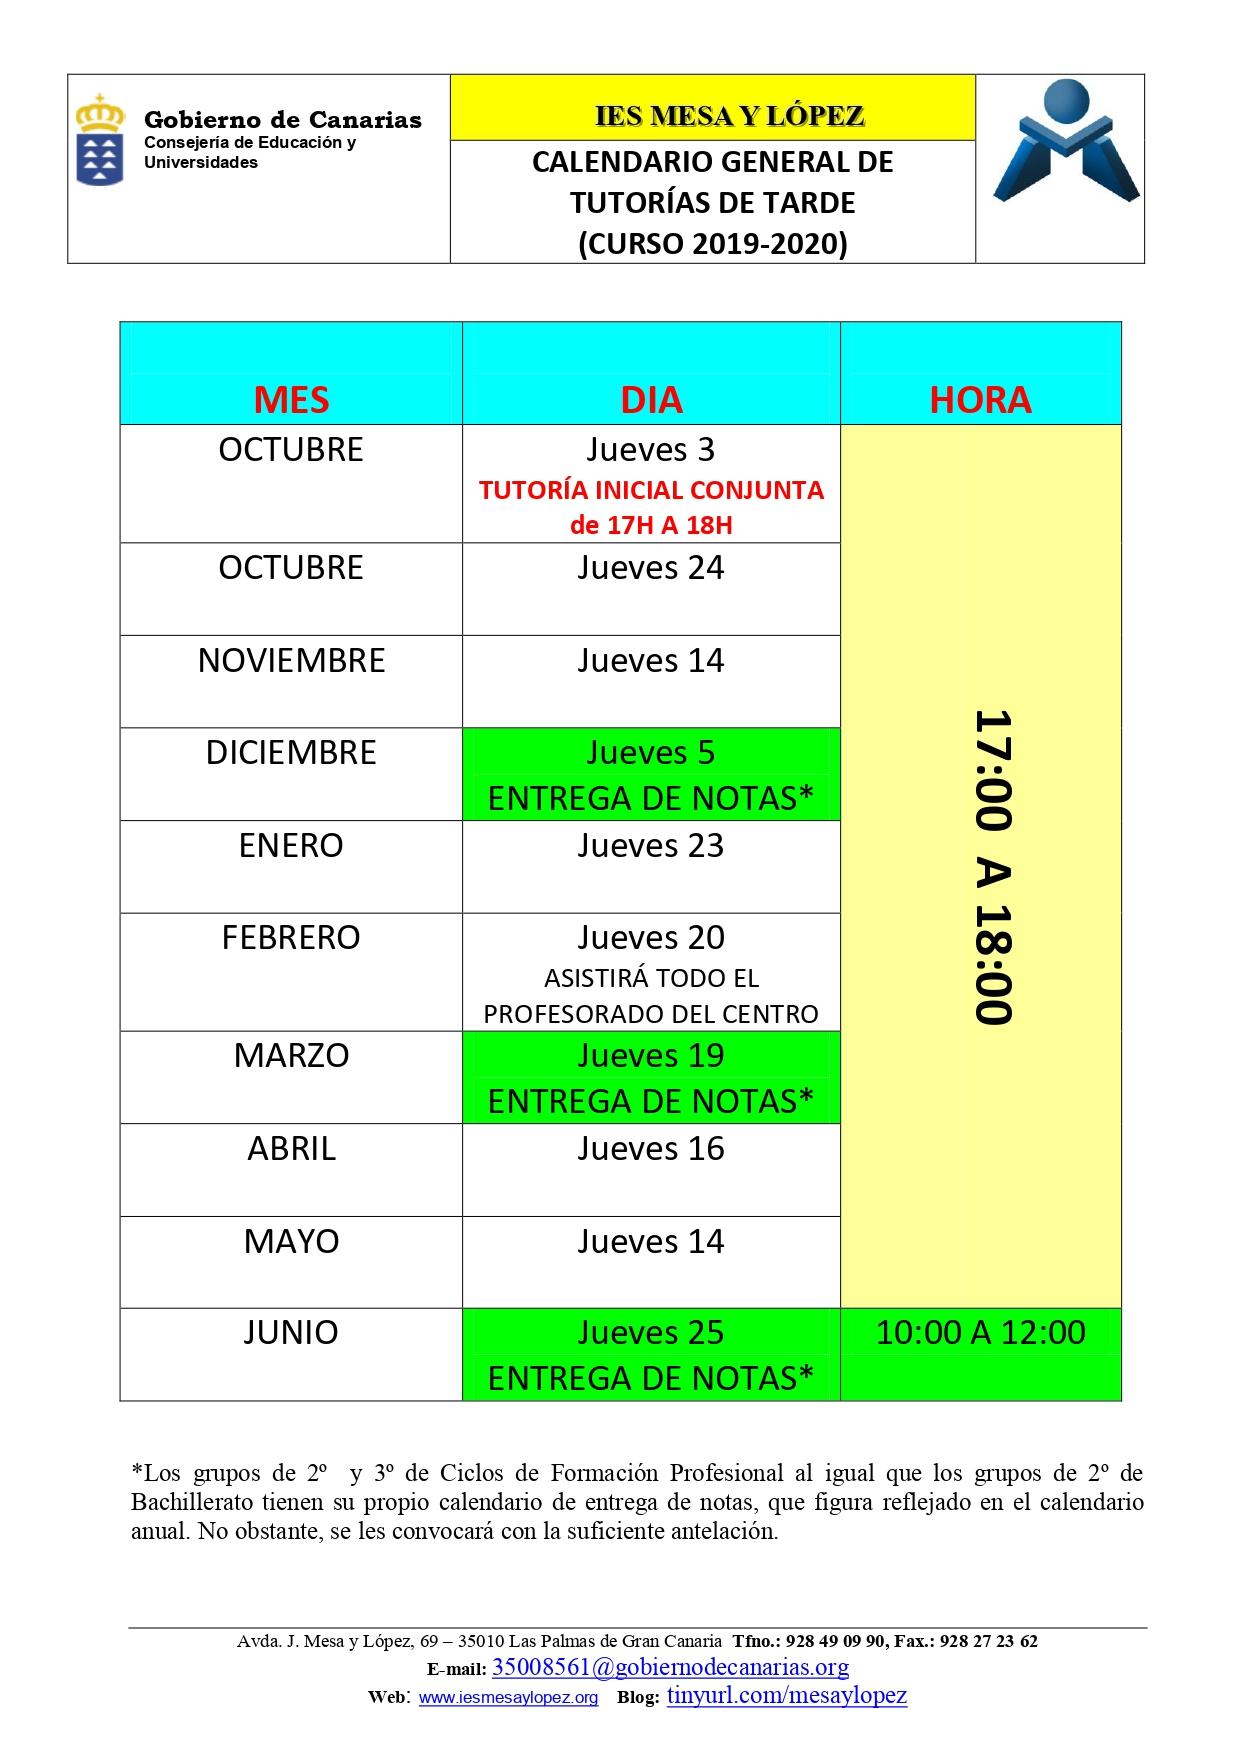 Calendario Escolar 2020 Las Palmas.Curso 2019 2020 Inicio De Curso Y Calendario Anual